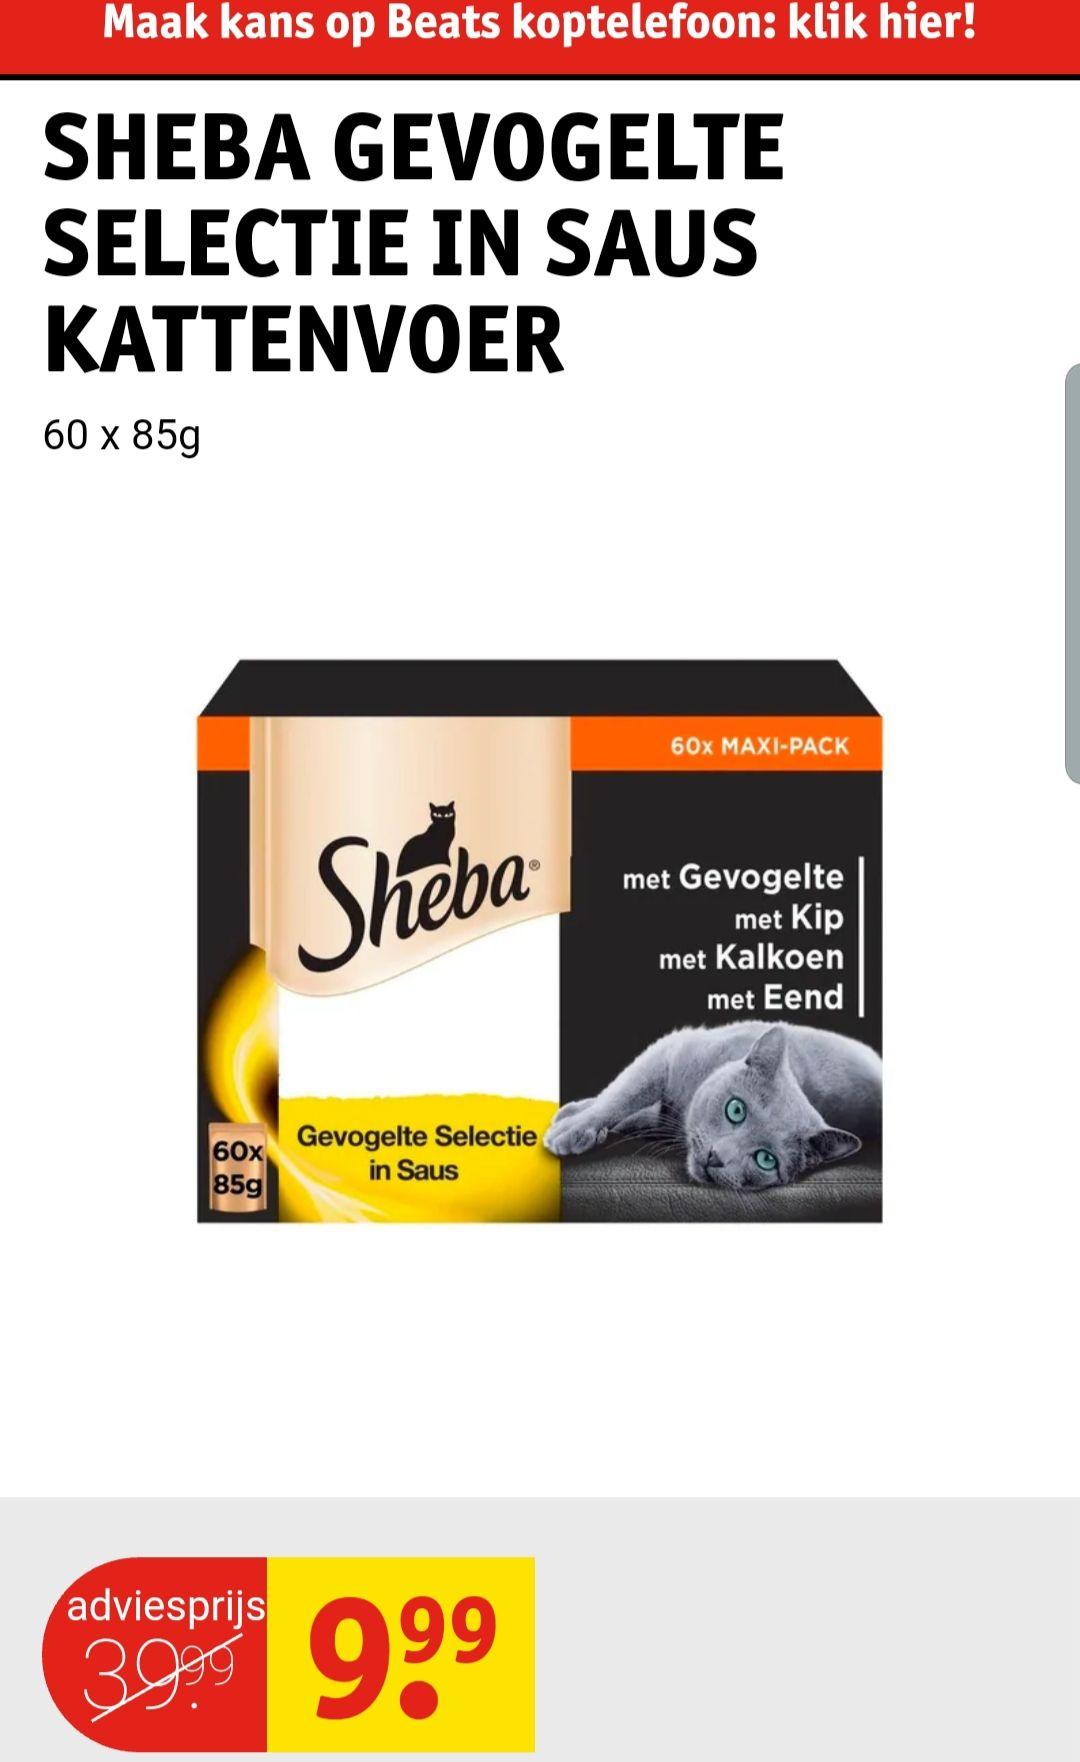 60 Zakjes Kattenvoer Sheba Gevogelte selectie in Saus @Kruidvat